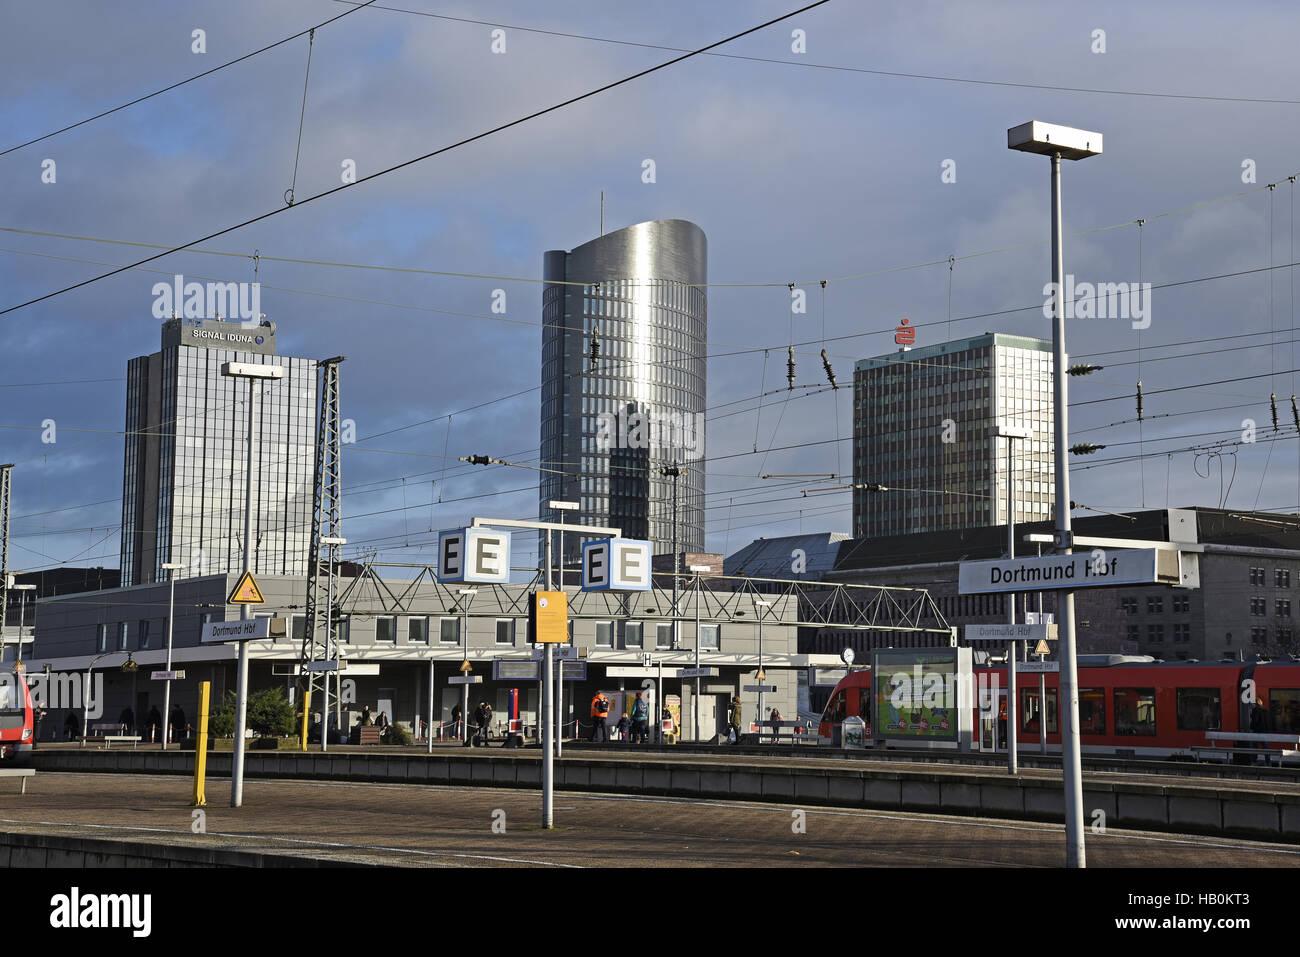 Main station, Dortmund, Germany Stock Photo